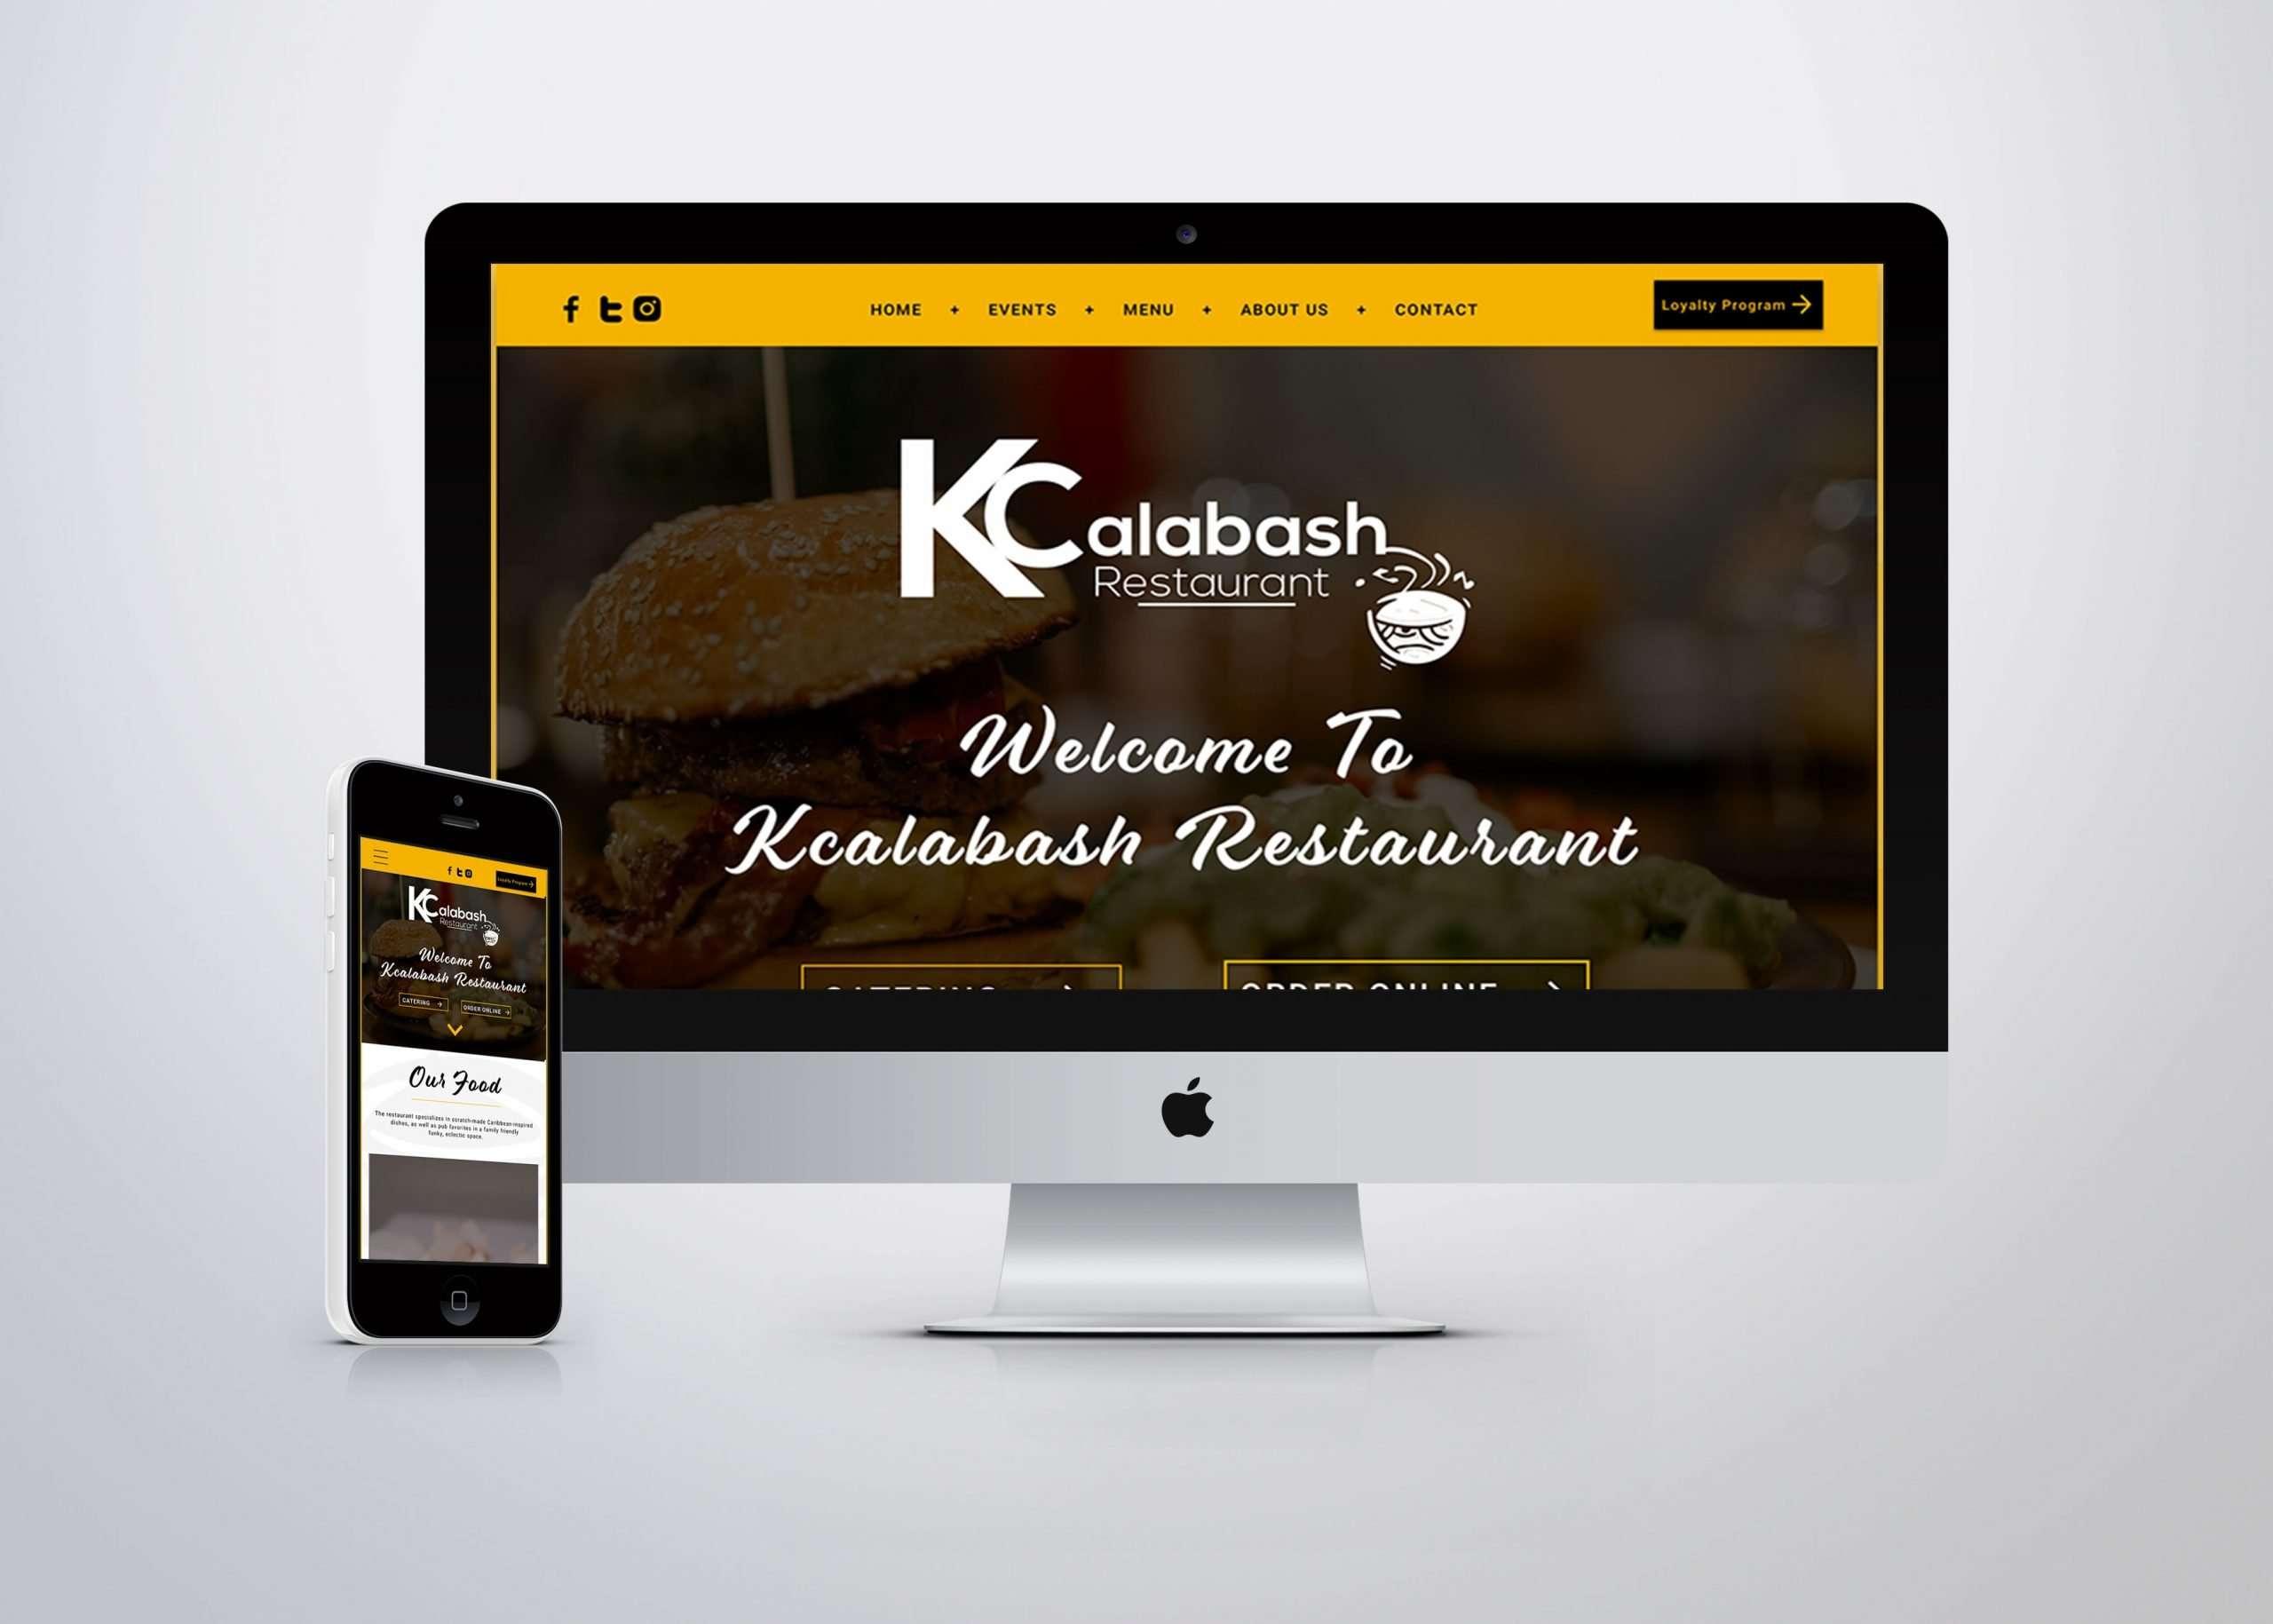 kccalabash website